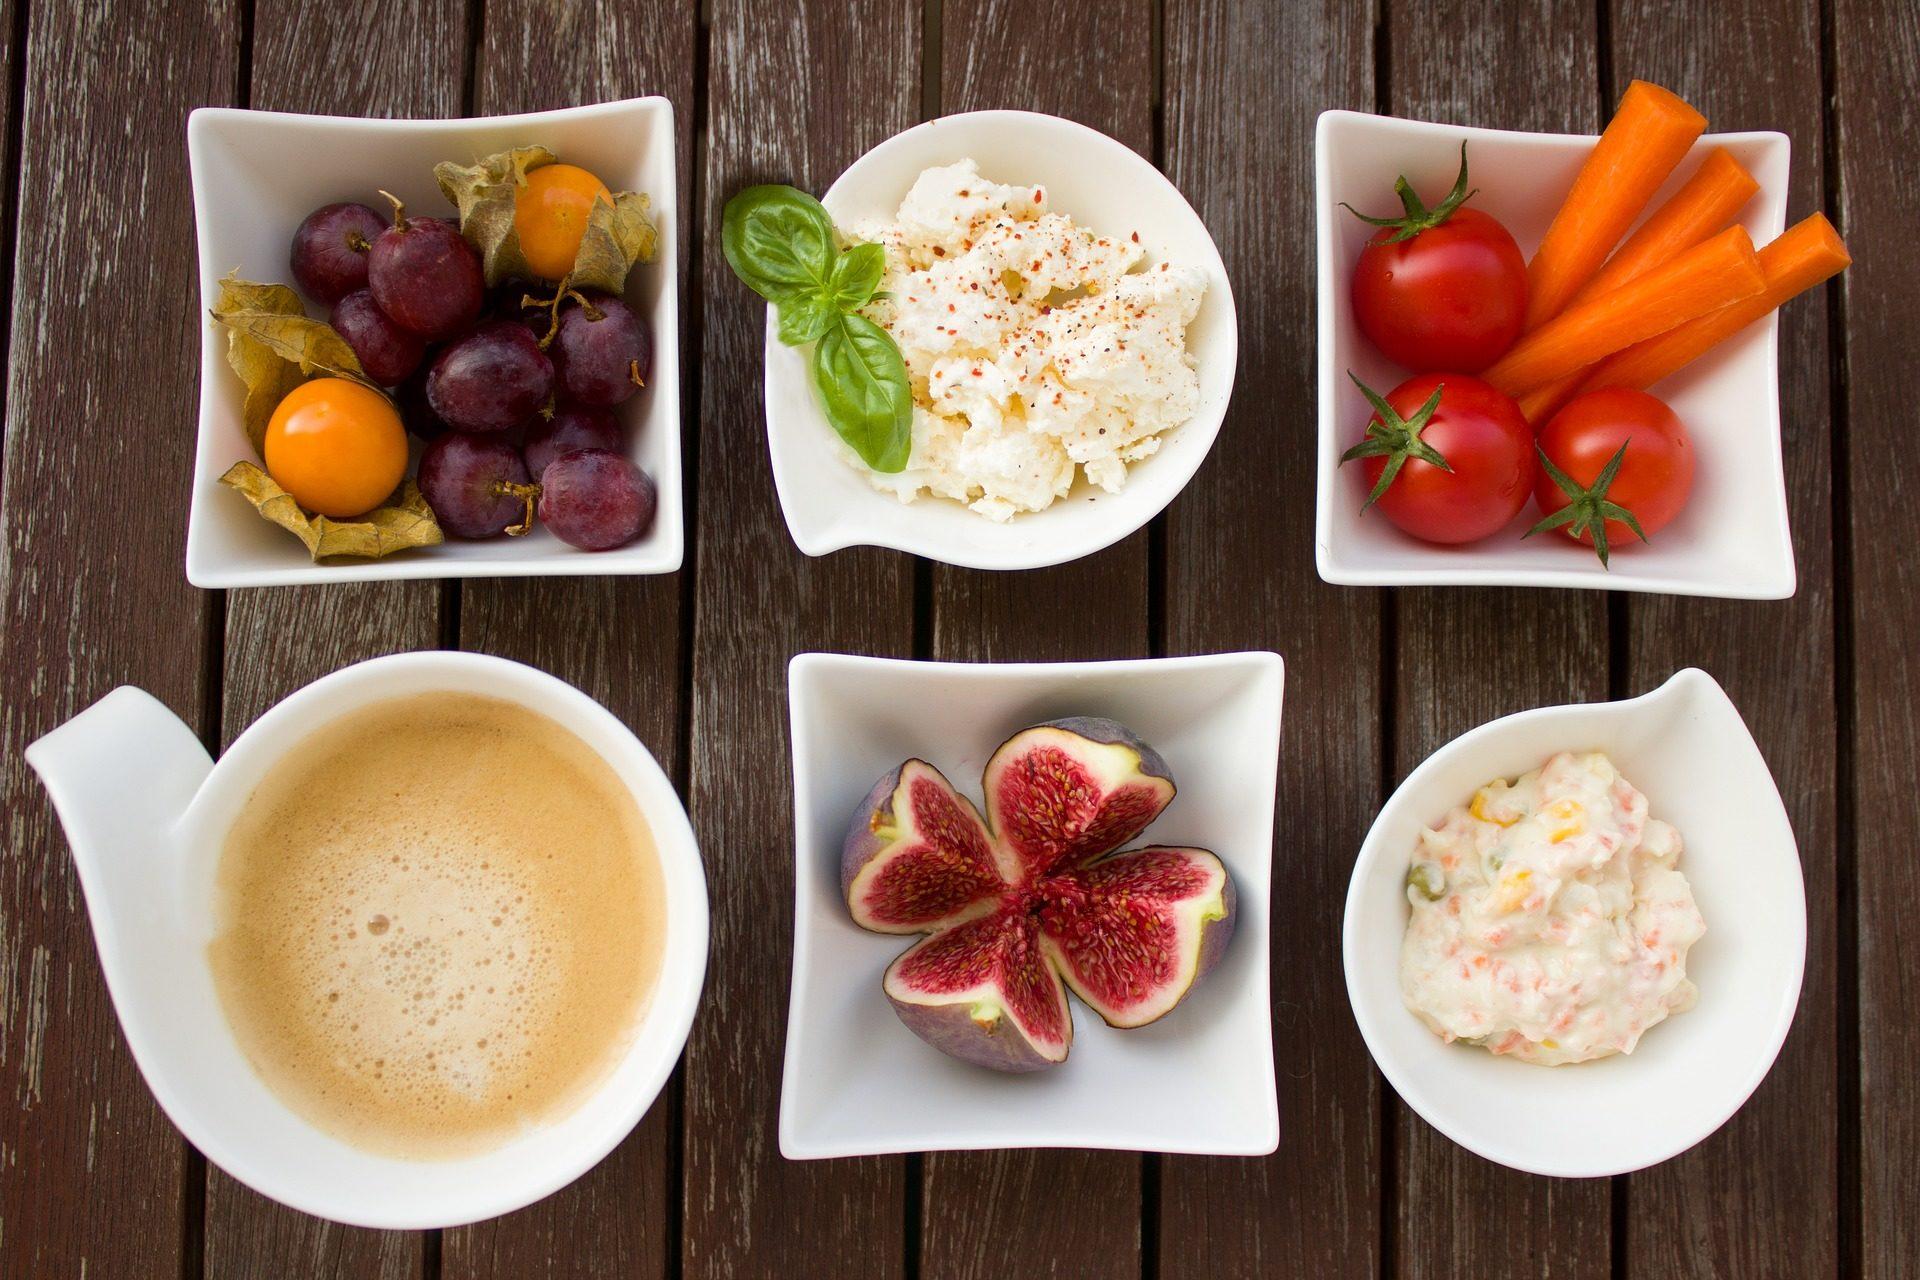 إفطار, فاكهة, القهوة, الخضروات, الجزر, الطماطم, التين - خلفيات عالية الدقة - أستاذ falken.com